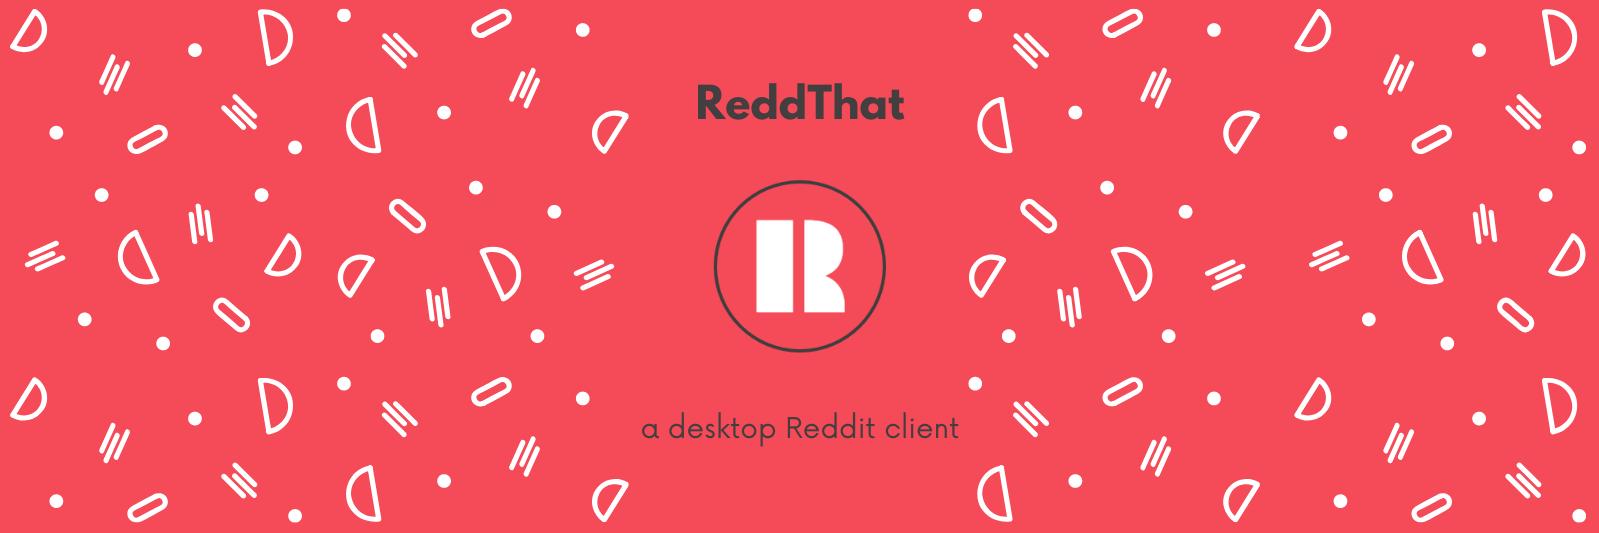 ReddThat banner